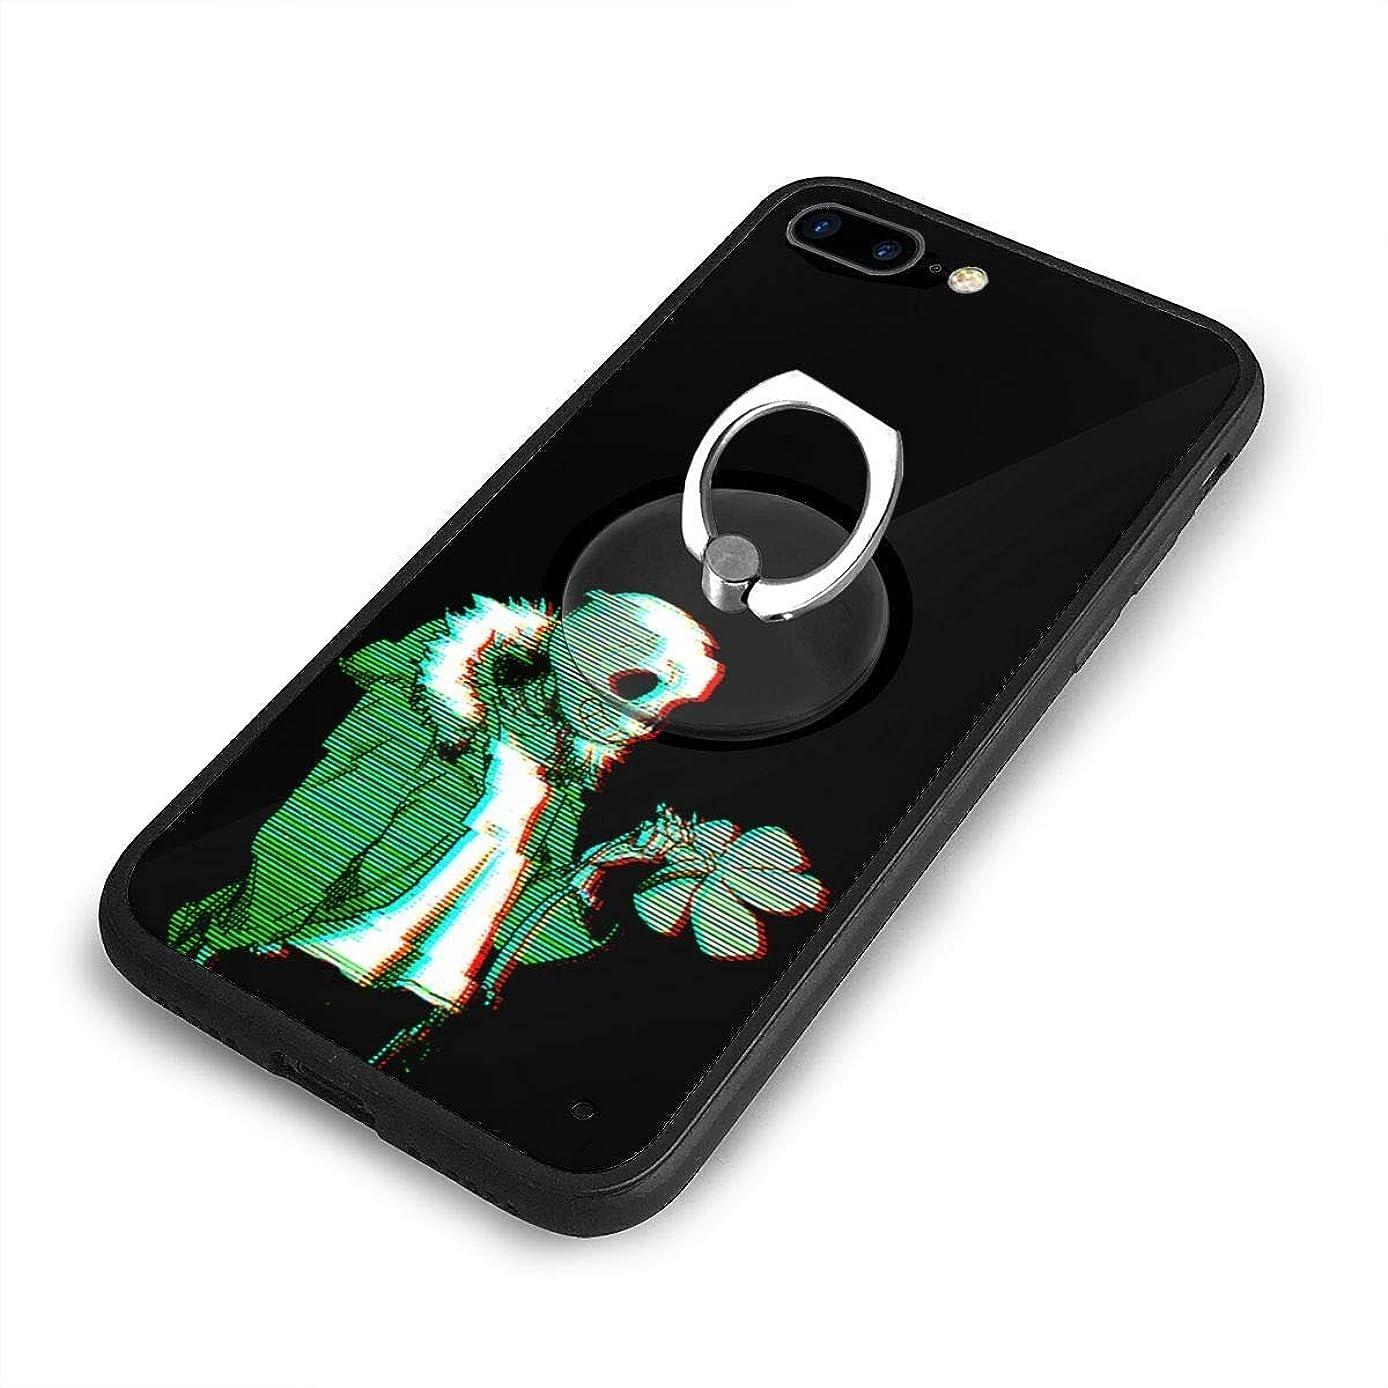 ヒント蜜餌Undertale Sansはあなたを望んでいますかiPhone 7/8 Plusケースリングブラケット 携帯カバー 創意デザイン軽量 傷つけ防止 360°回転ブラケット 携帯ケース PC 衝撃防止 全面保護